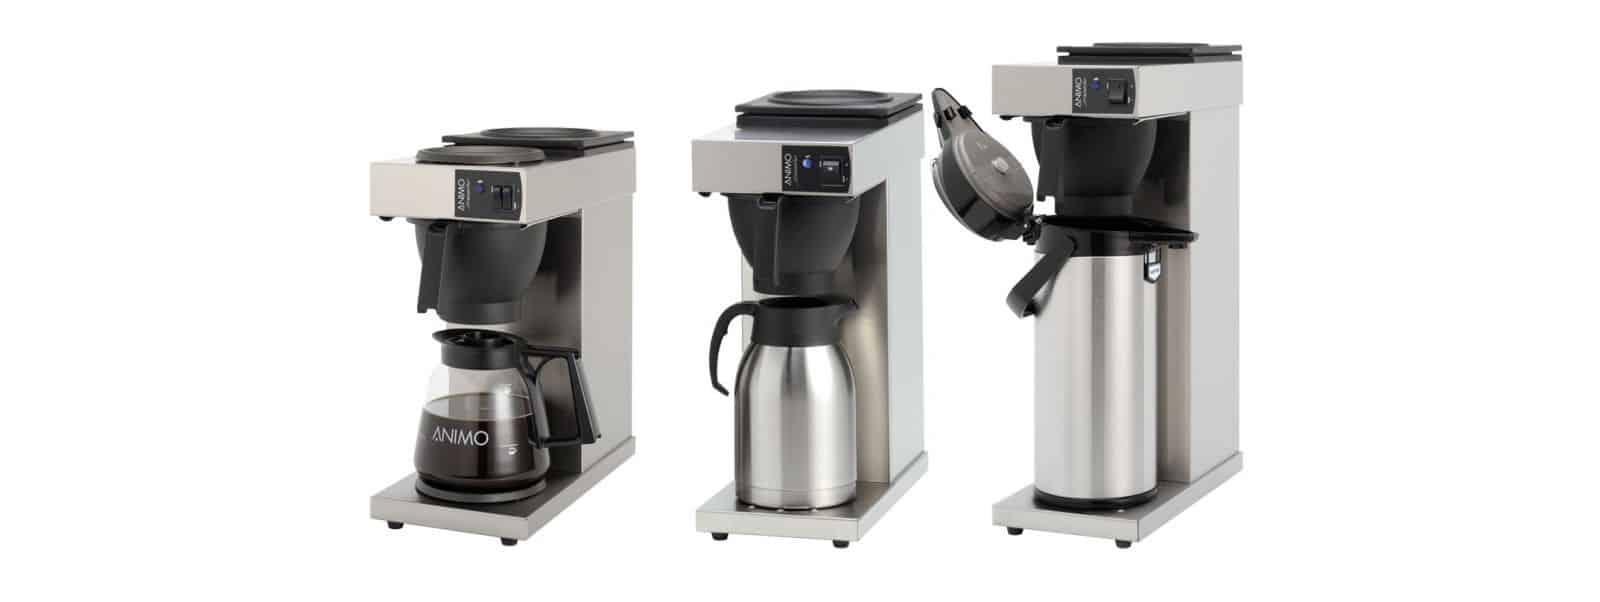 Máy pha cà phê/trà Animo Excelso